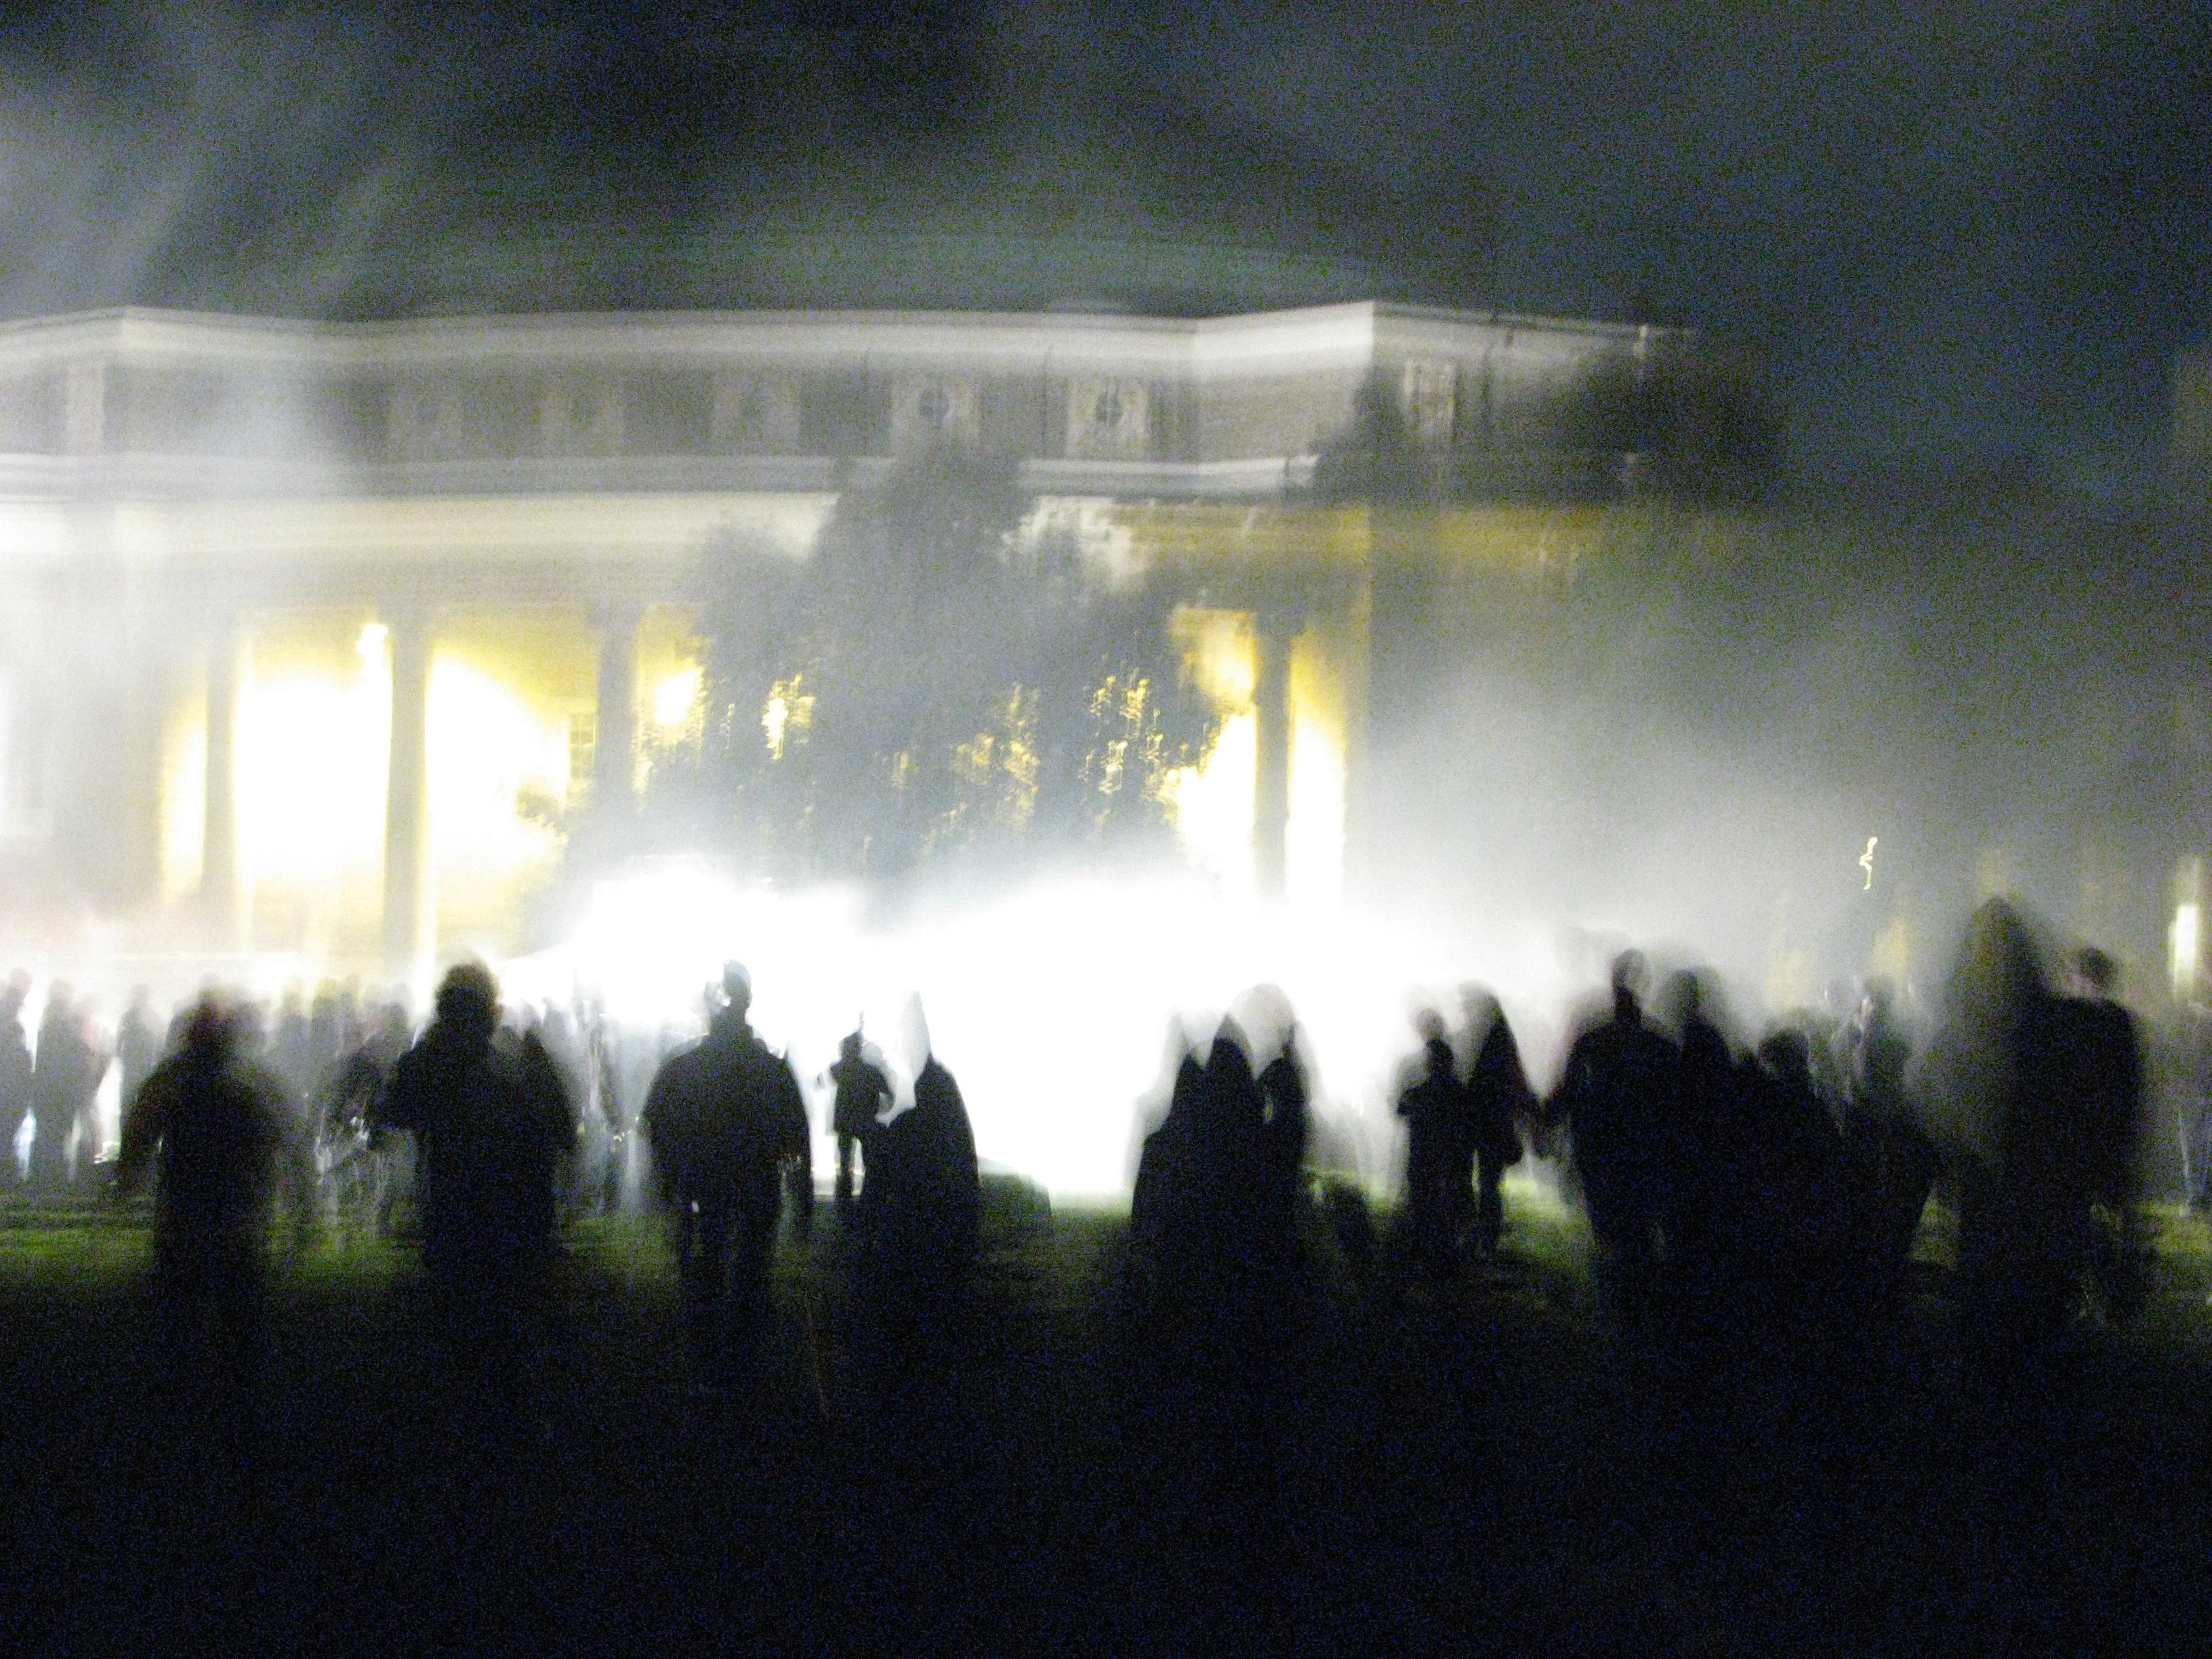 Zombies zombie apocalypse